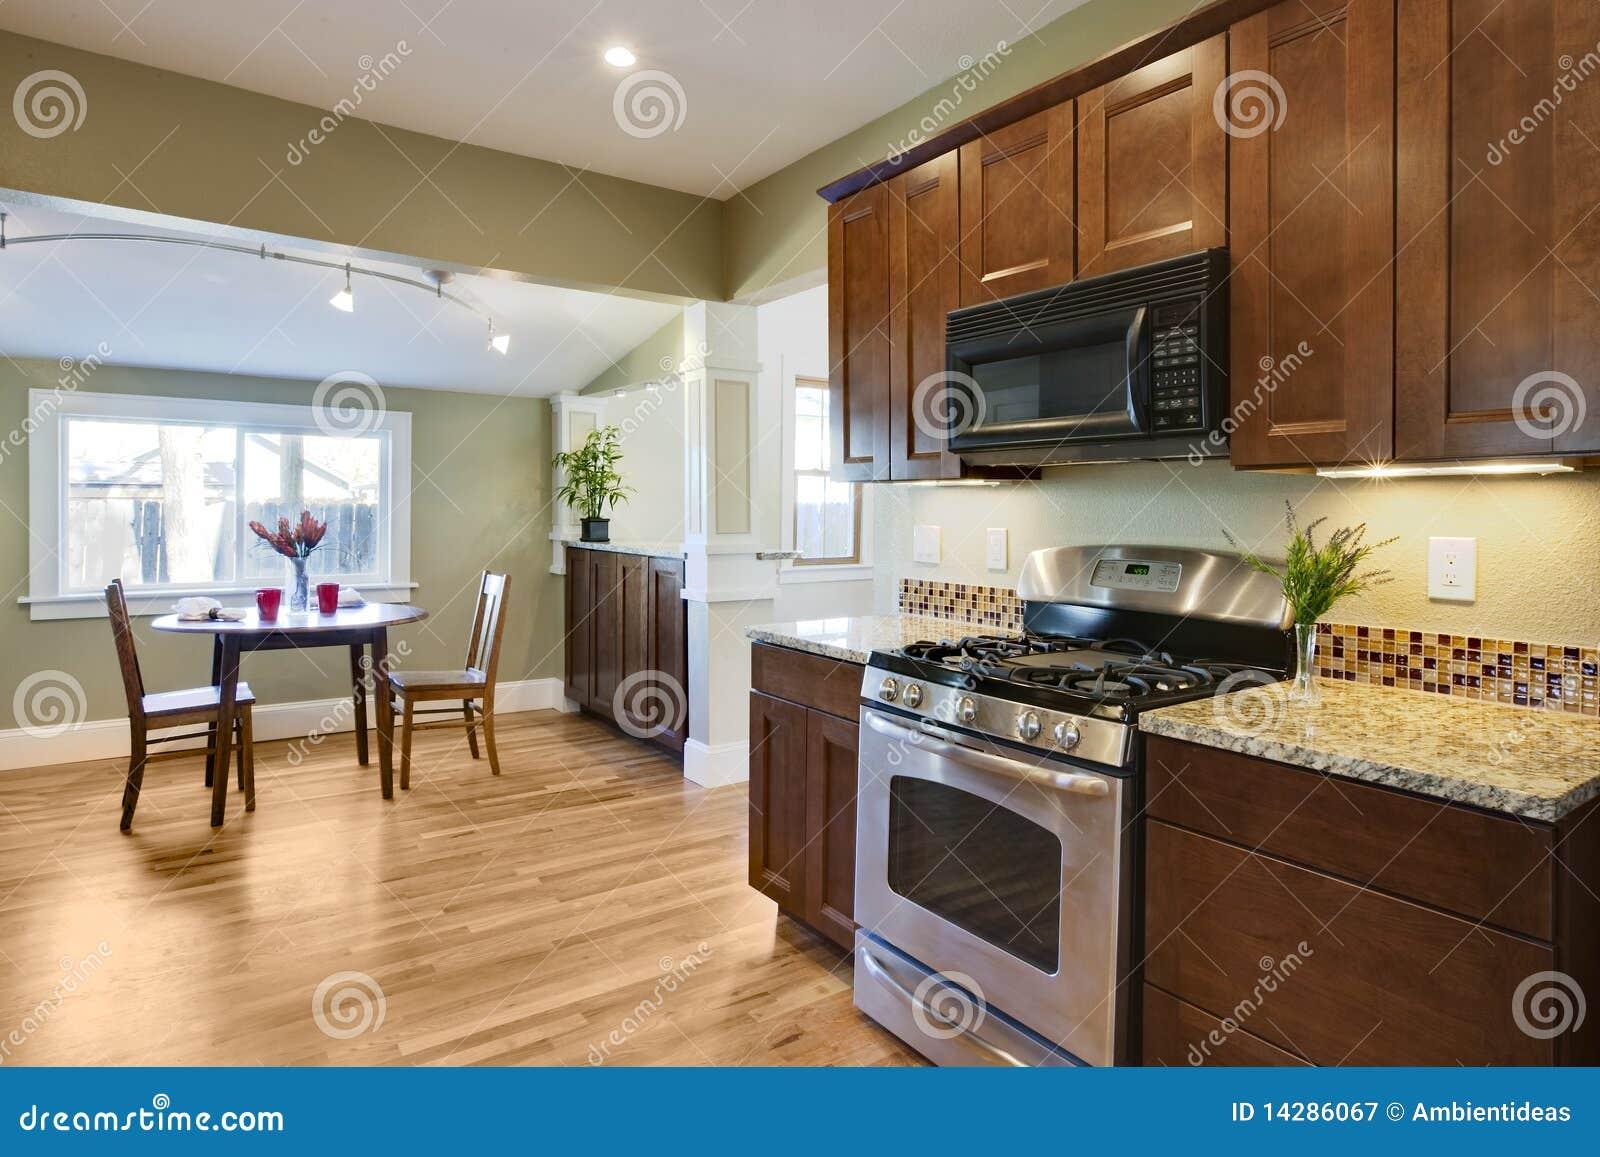 Transformez la cuisine avec le plancher en bois image - Cuisine plancher bois ...